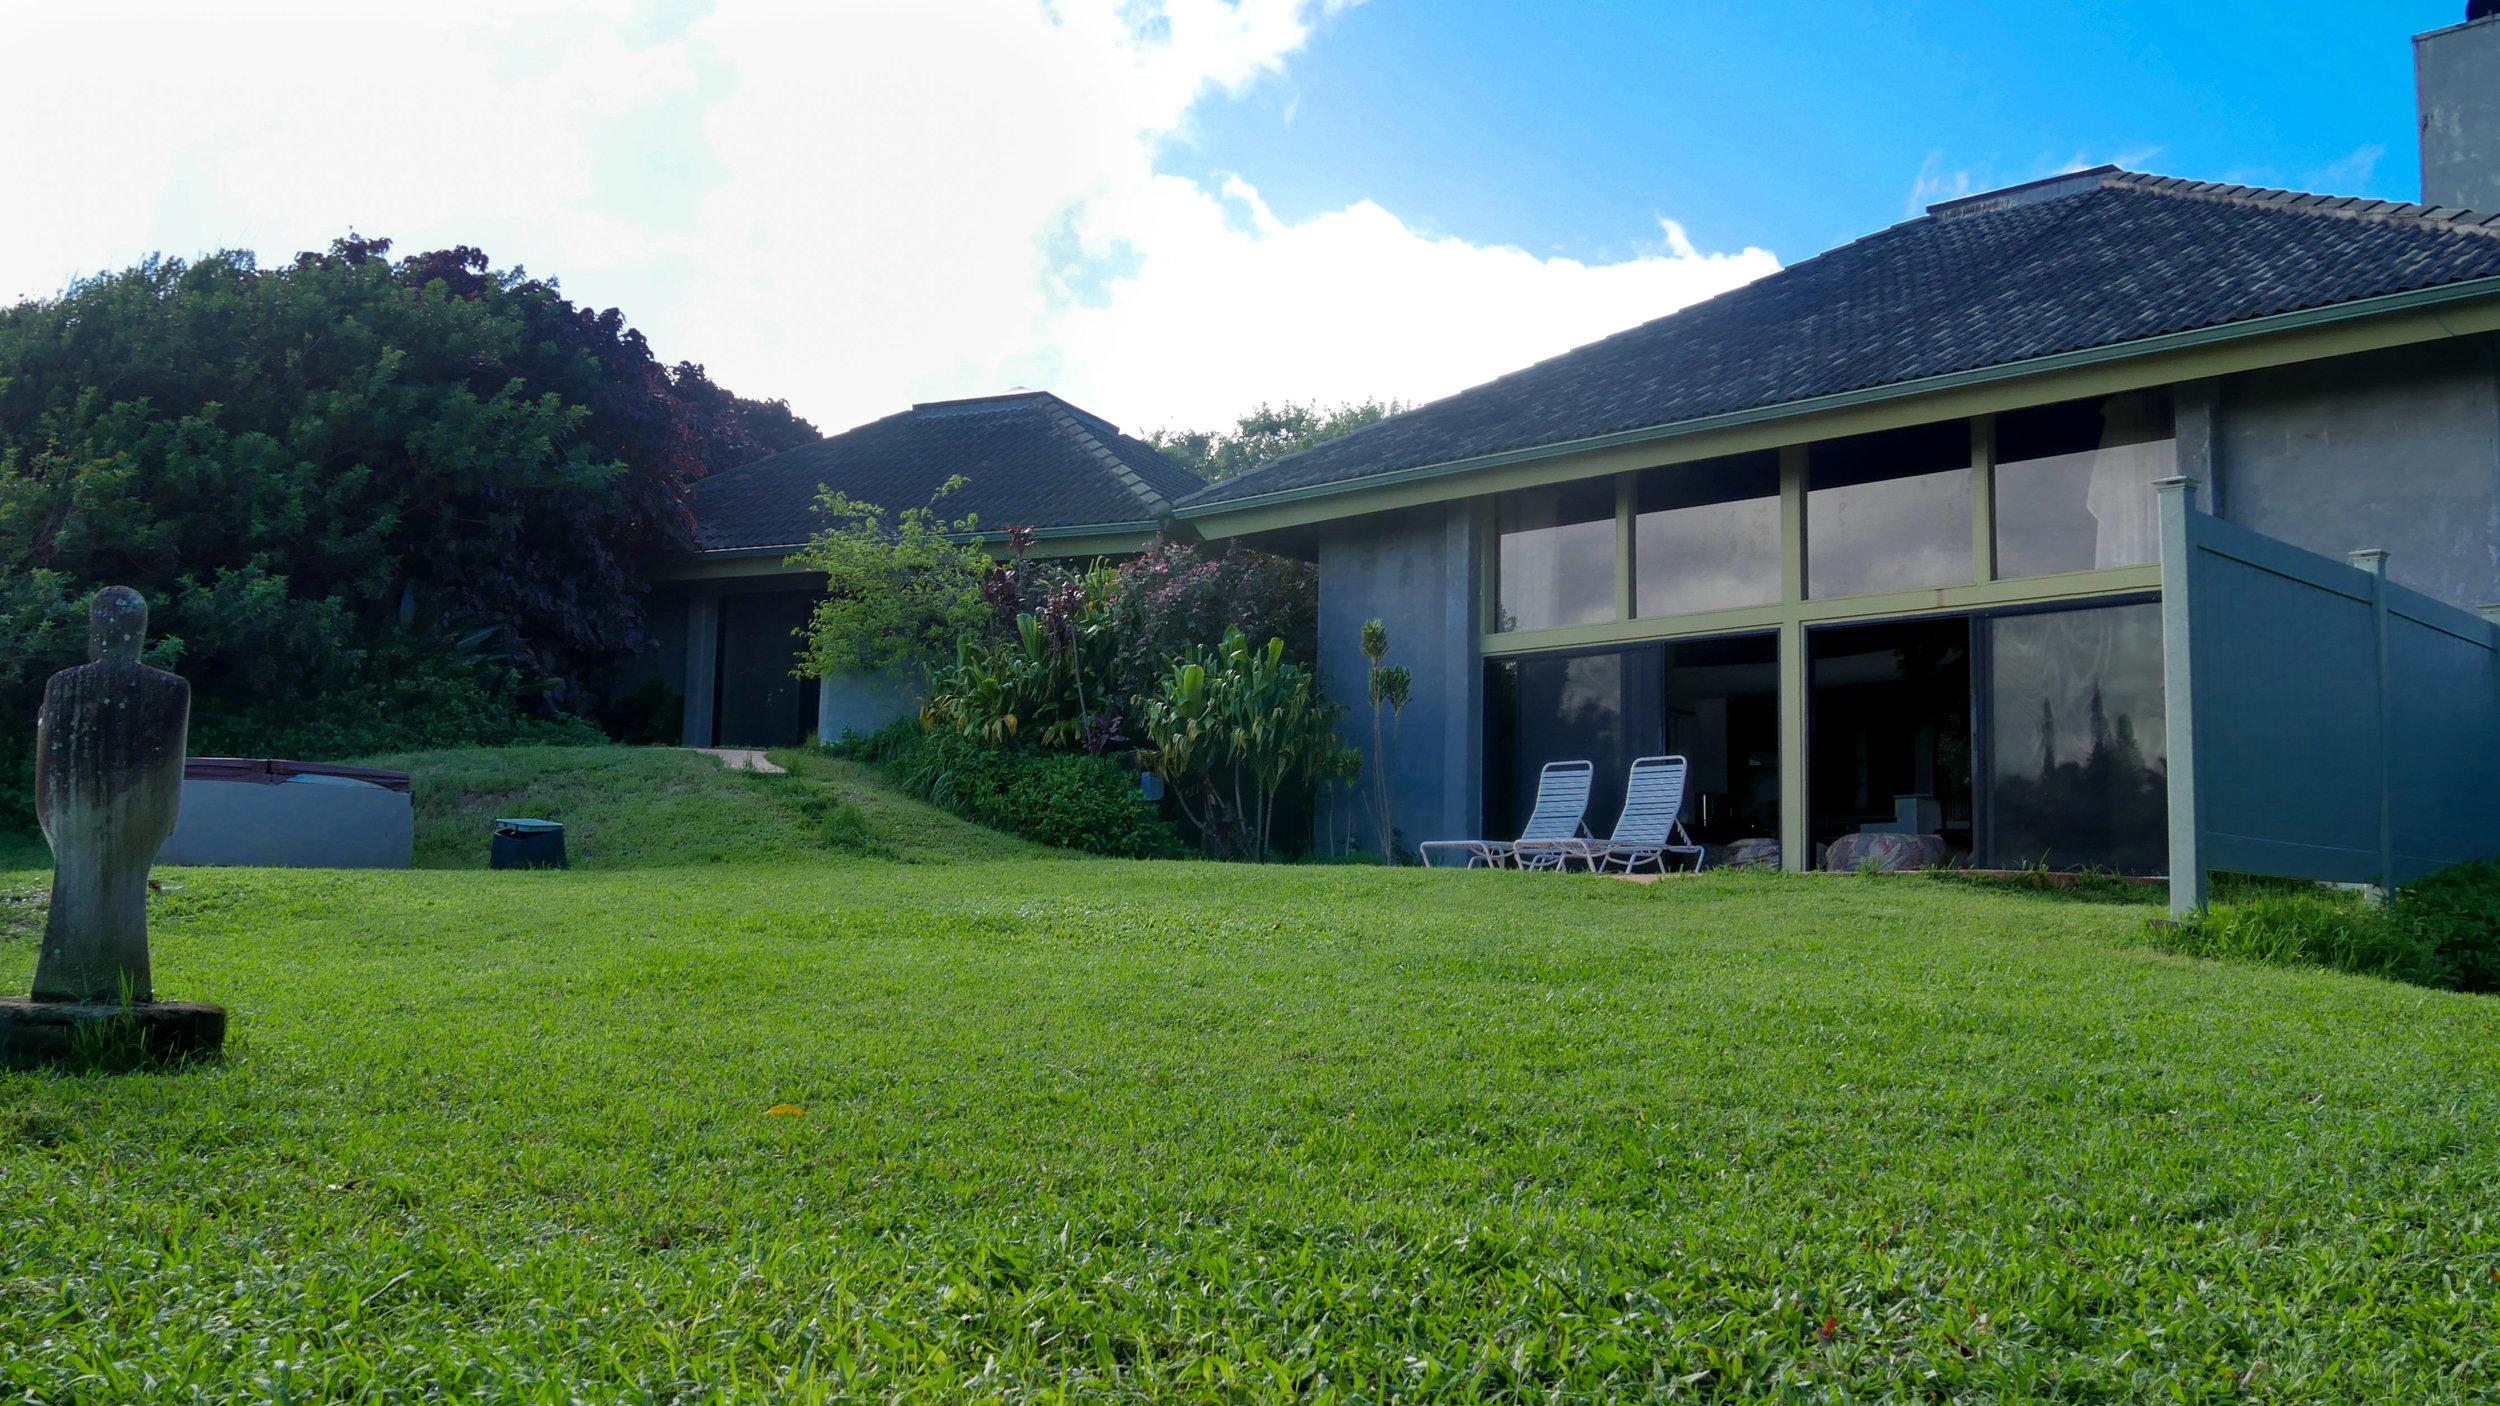 villa yard 2.jpg